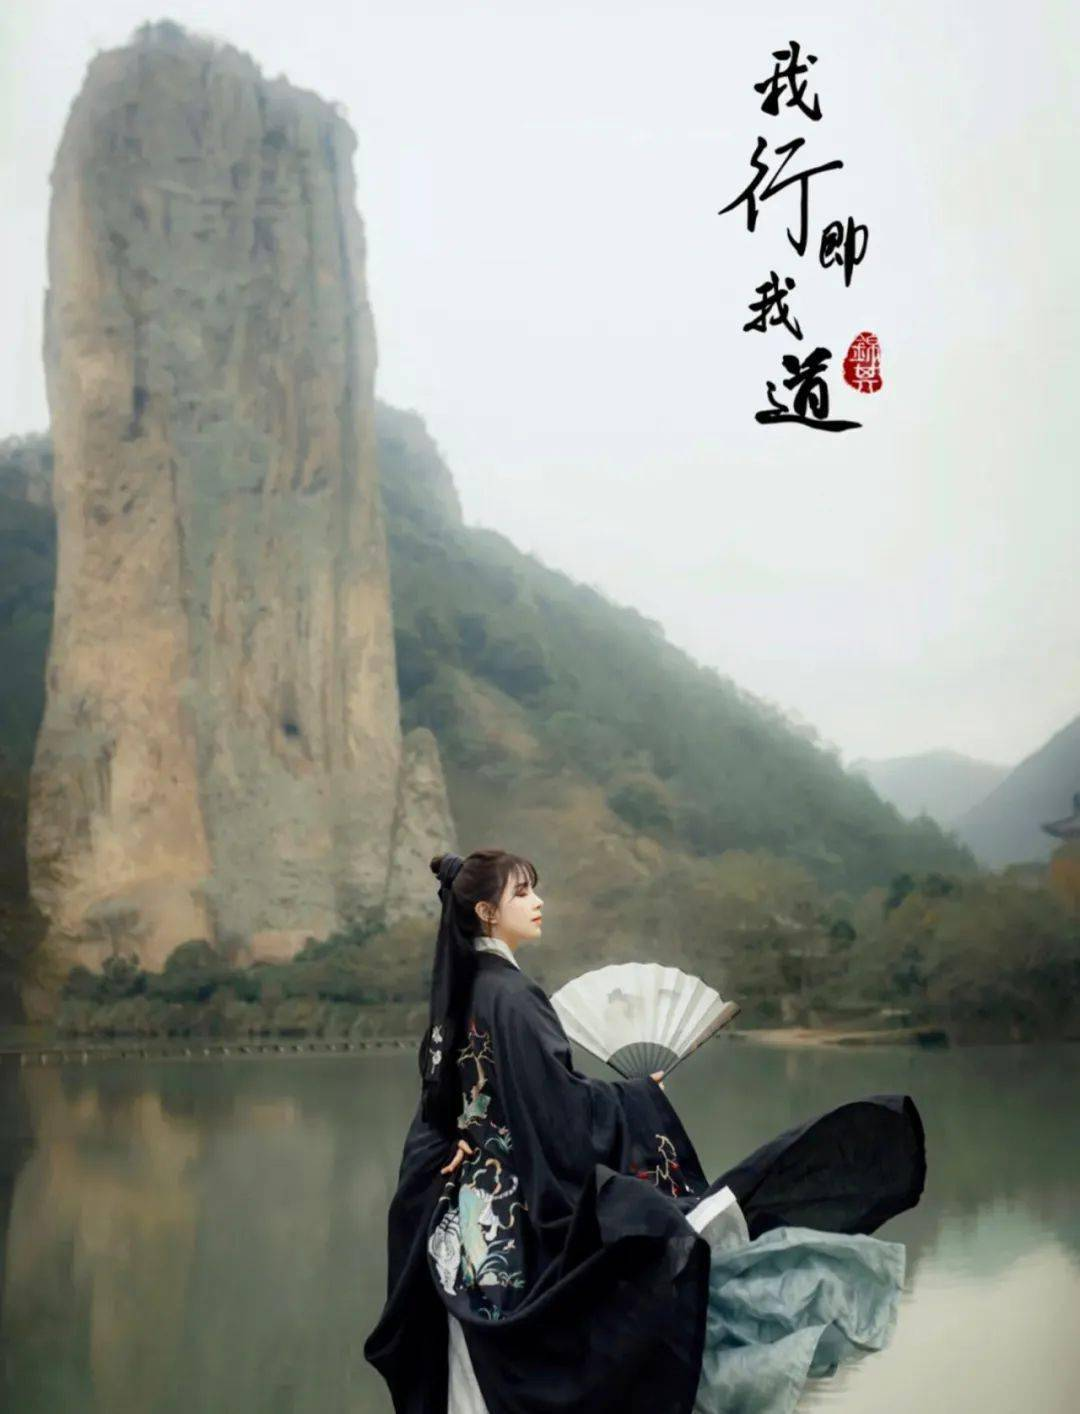 """杭州旁边的""""最仙小城"""",还是上榜《风味人间》美食小城,淡季去也能玩嗨"""